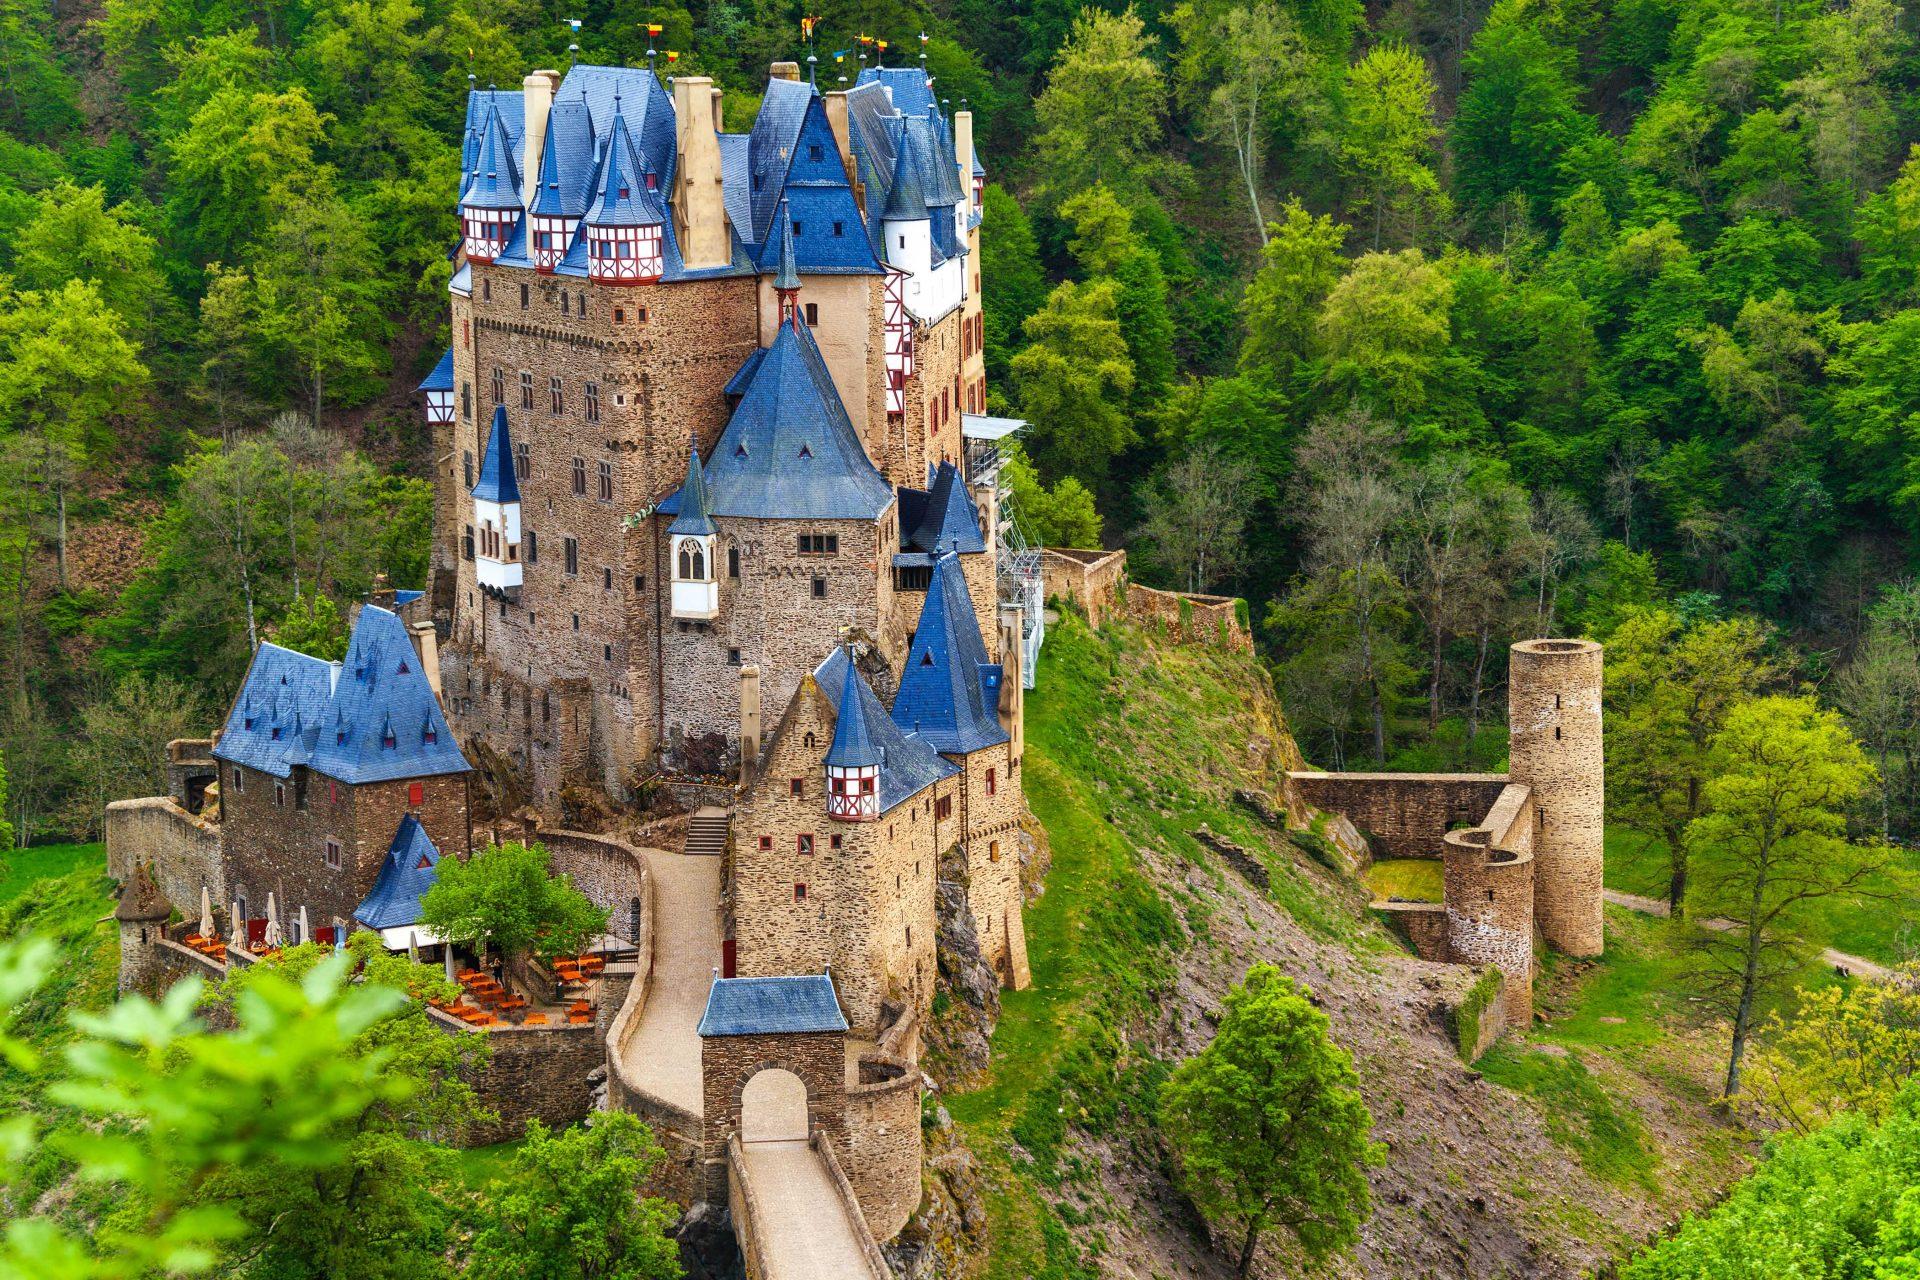 Die Burg Eltz in Rheinland-Pfalz ist ein beliebtes Fotomotiv